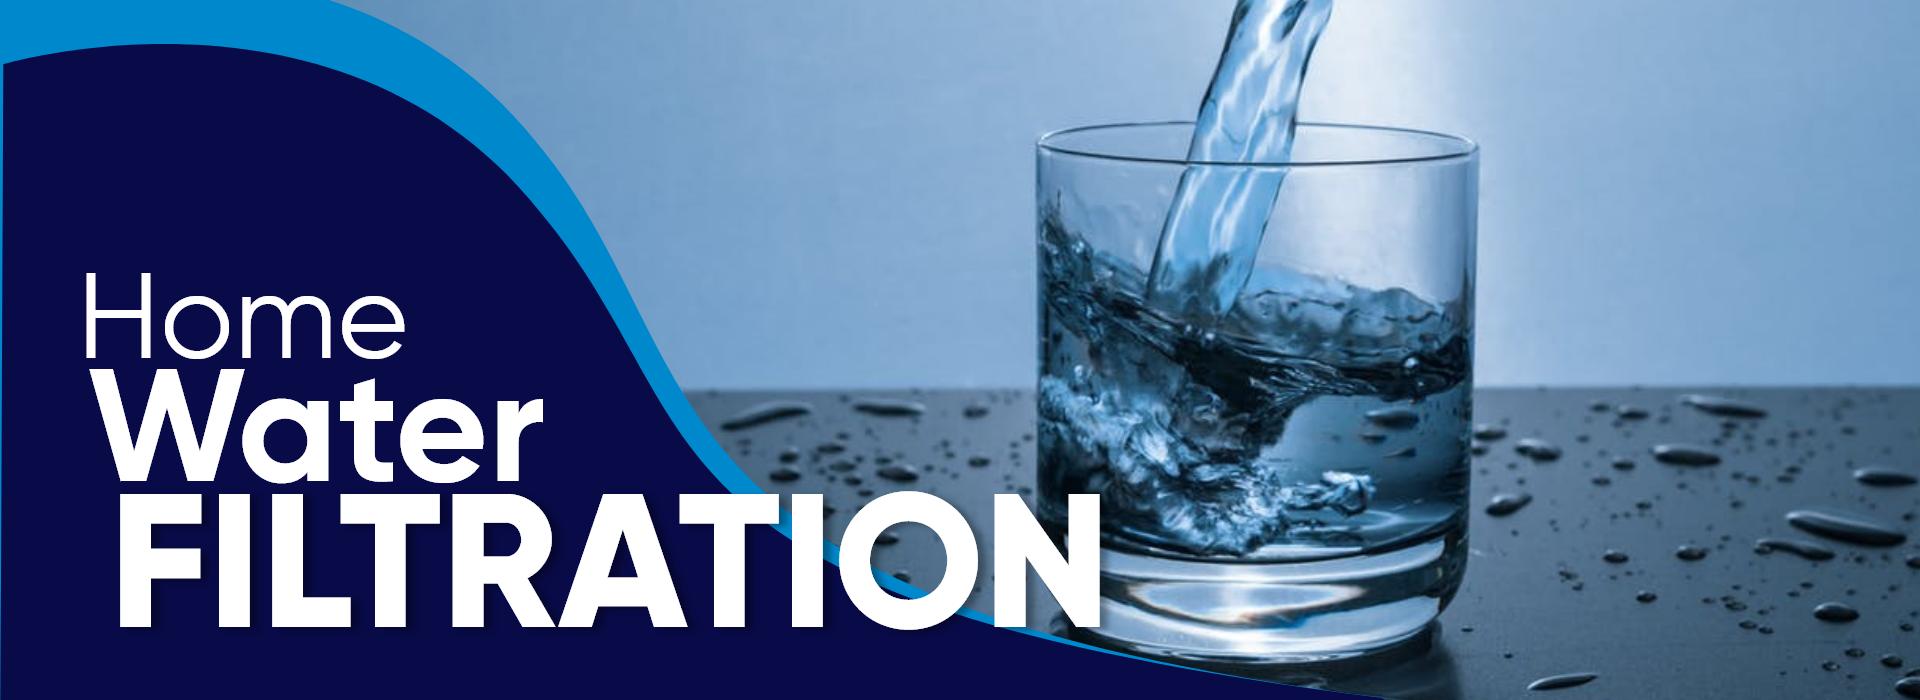 Home_water_Filtration_Slider